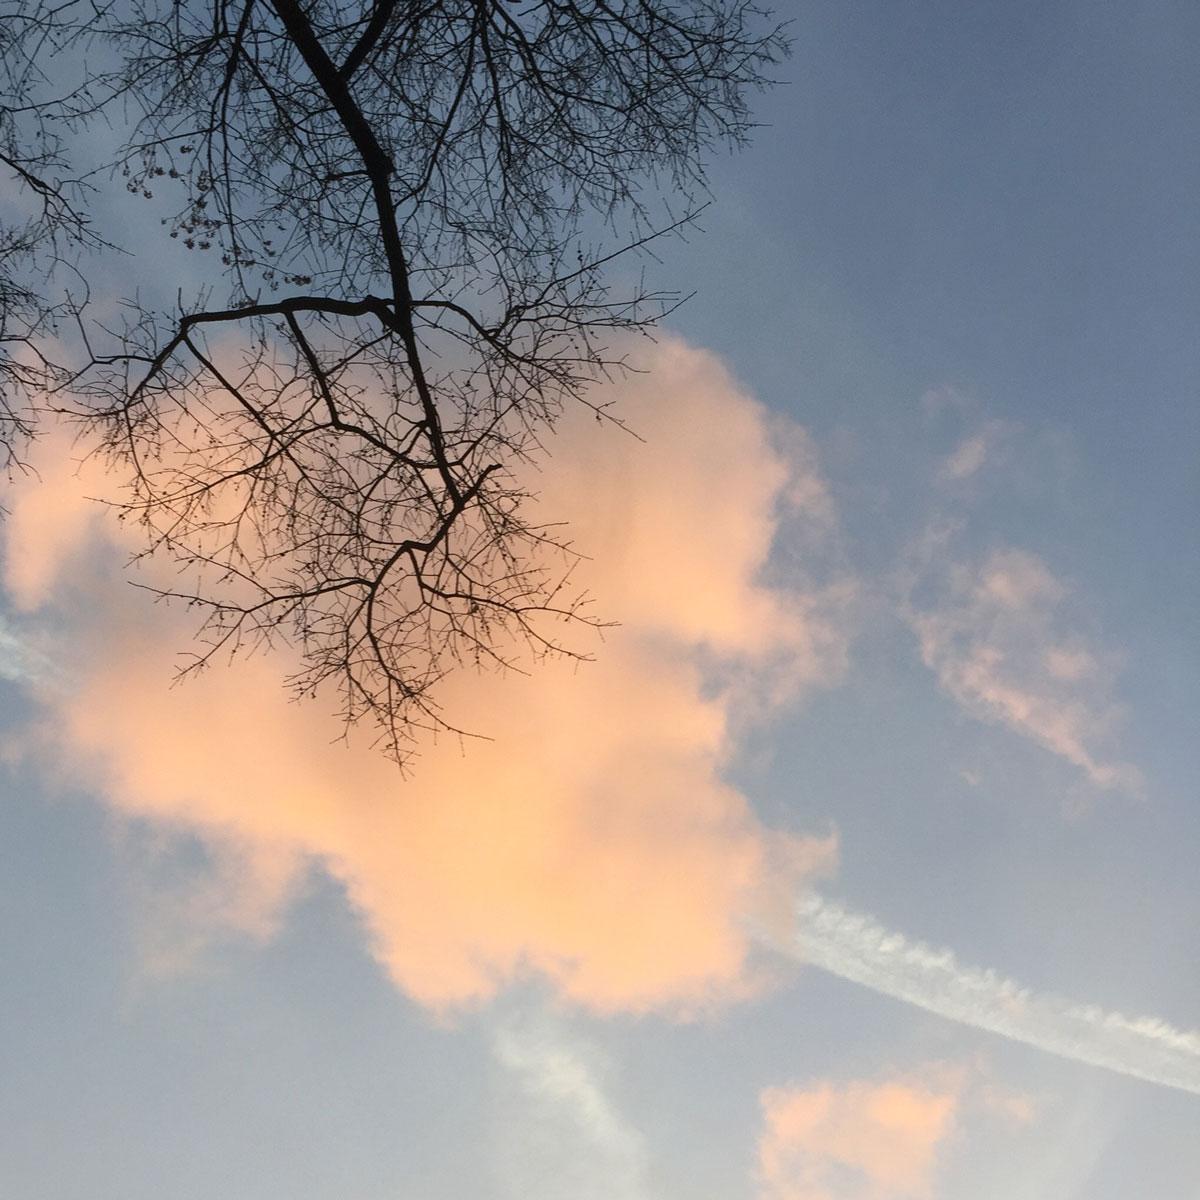 cloud_tree_PaulaKovarik.jpg